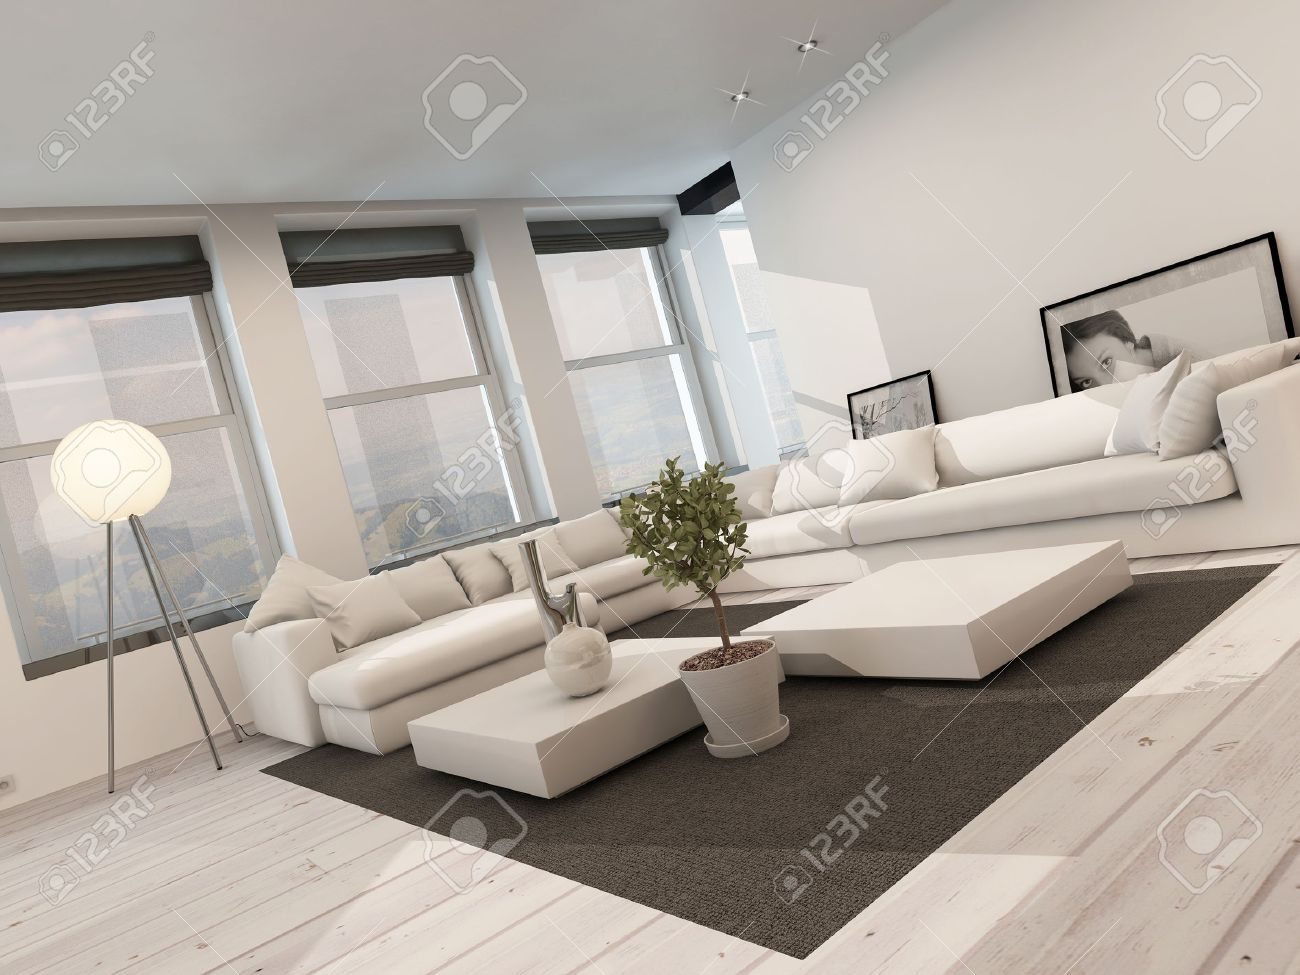 Banque Du0027images   Intérieur Noir Et Blanc Moderne Salon Avec Plancher Peint  En Blanc Avec Un Tapis Noir, Une Suite De Coin Salon, Rangée De Fenêtres Et  ...